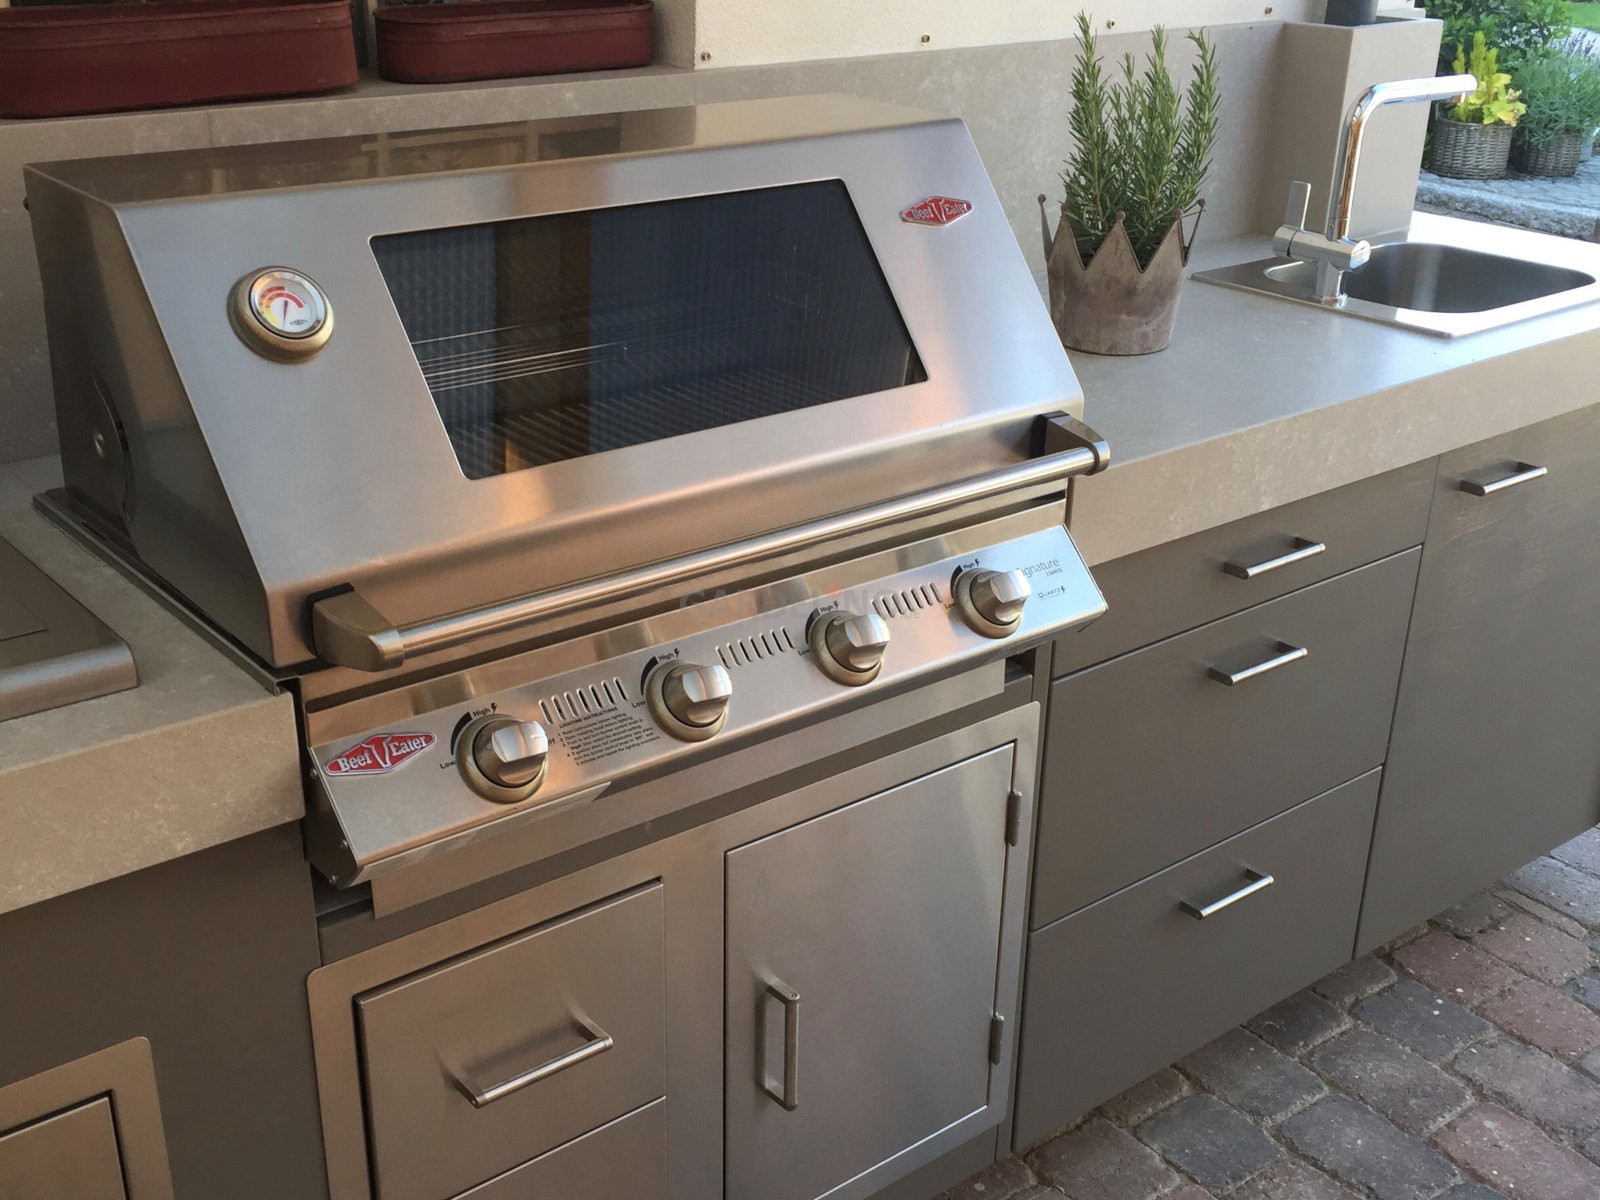 Beefeater Einbautür Für Außenküchen : Beefeater grill im outdoor küchen profi shop